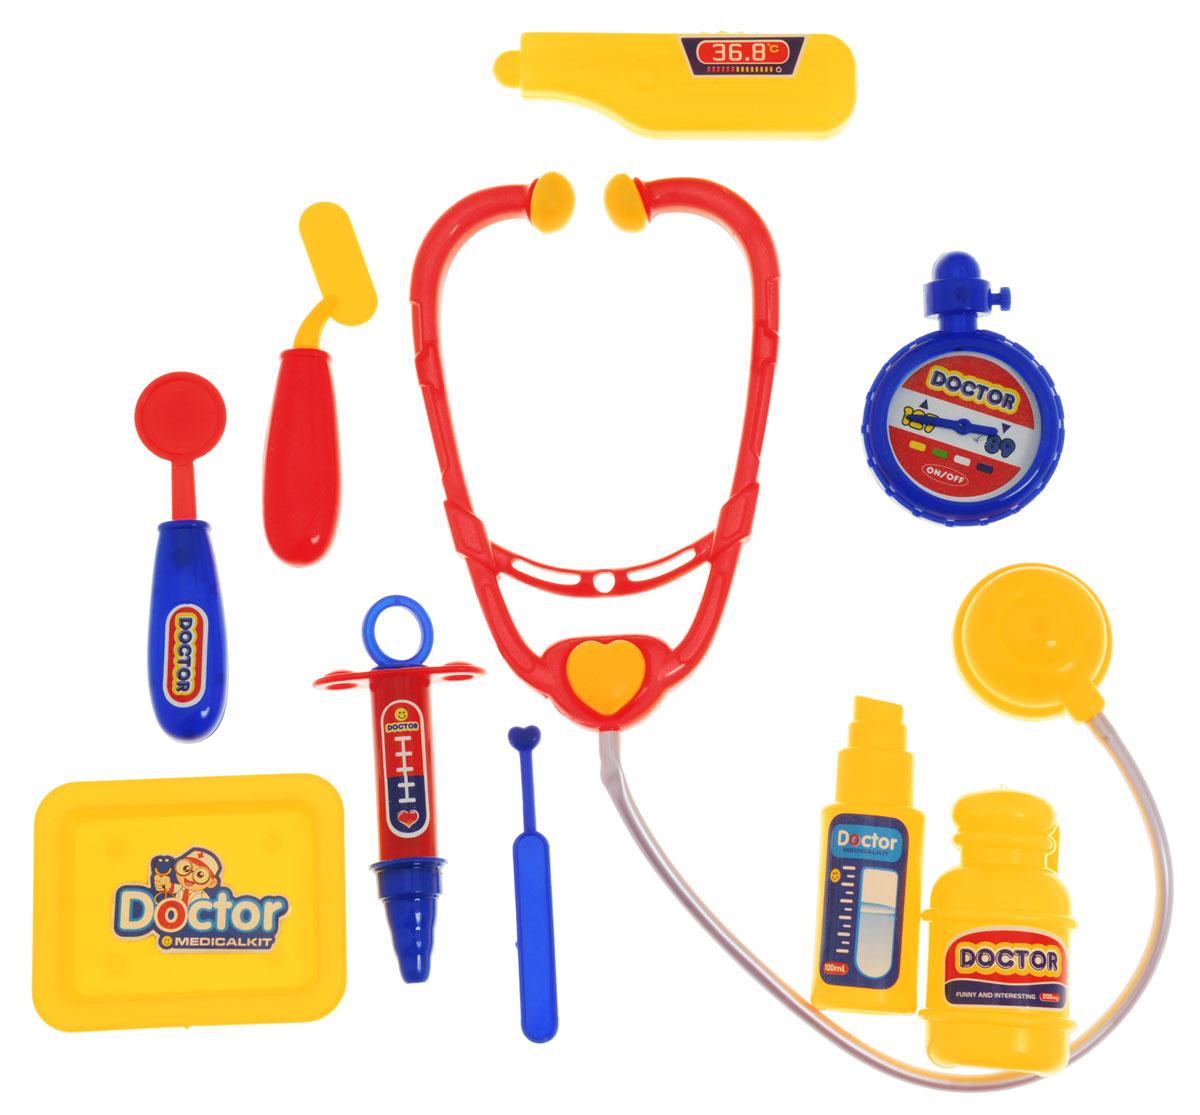 Plastic Toy Игровой набор ДокторB894899Игровой набор Plastic Toy Доктор станет отличным подарком для маленького врачевателя. В наборе есть все, что может пригодиться юному врачу: стетоскоп, секундомер, ингалятор, баночка с лекарством, шприц, поднос, зеркало, 2 шпателя, термометр. Ребенок сможет лечить свои игрушки, придумывая различные сюжеты. К тому же, придумывать диагнозы и выписывать пилюльки очень увлекательно. Игровой набор нетоксичен и изготовлен из качественной пластмассы.